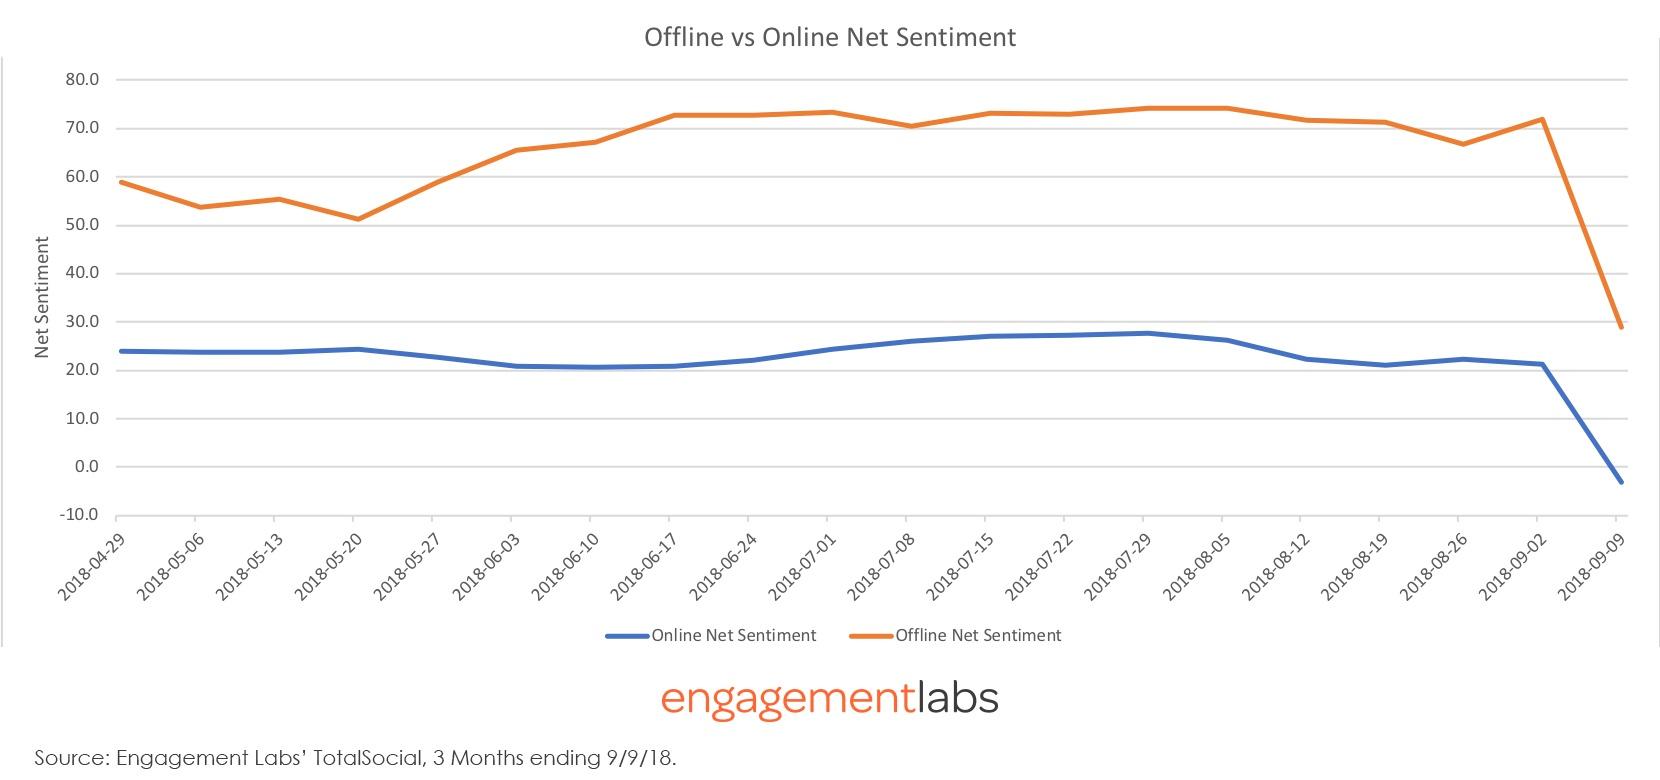 Nike Offline vs Online Net Sentiment